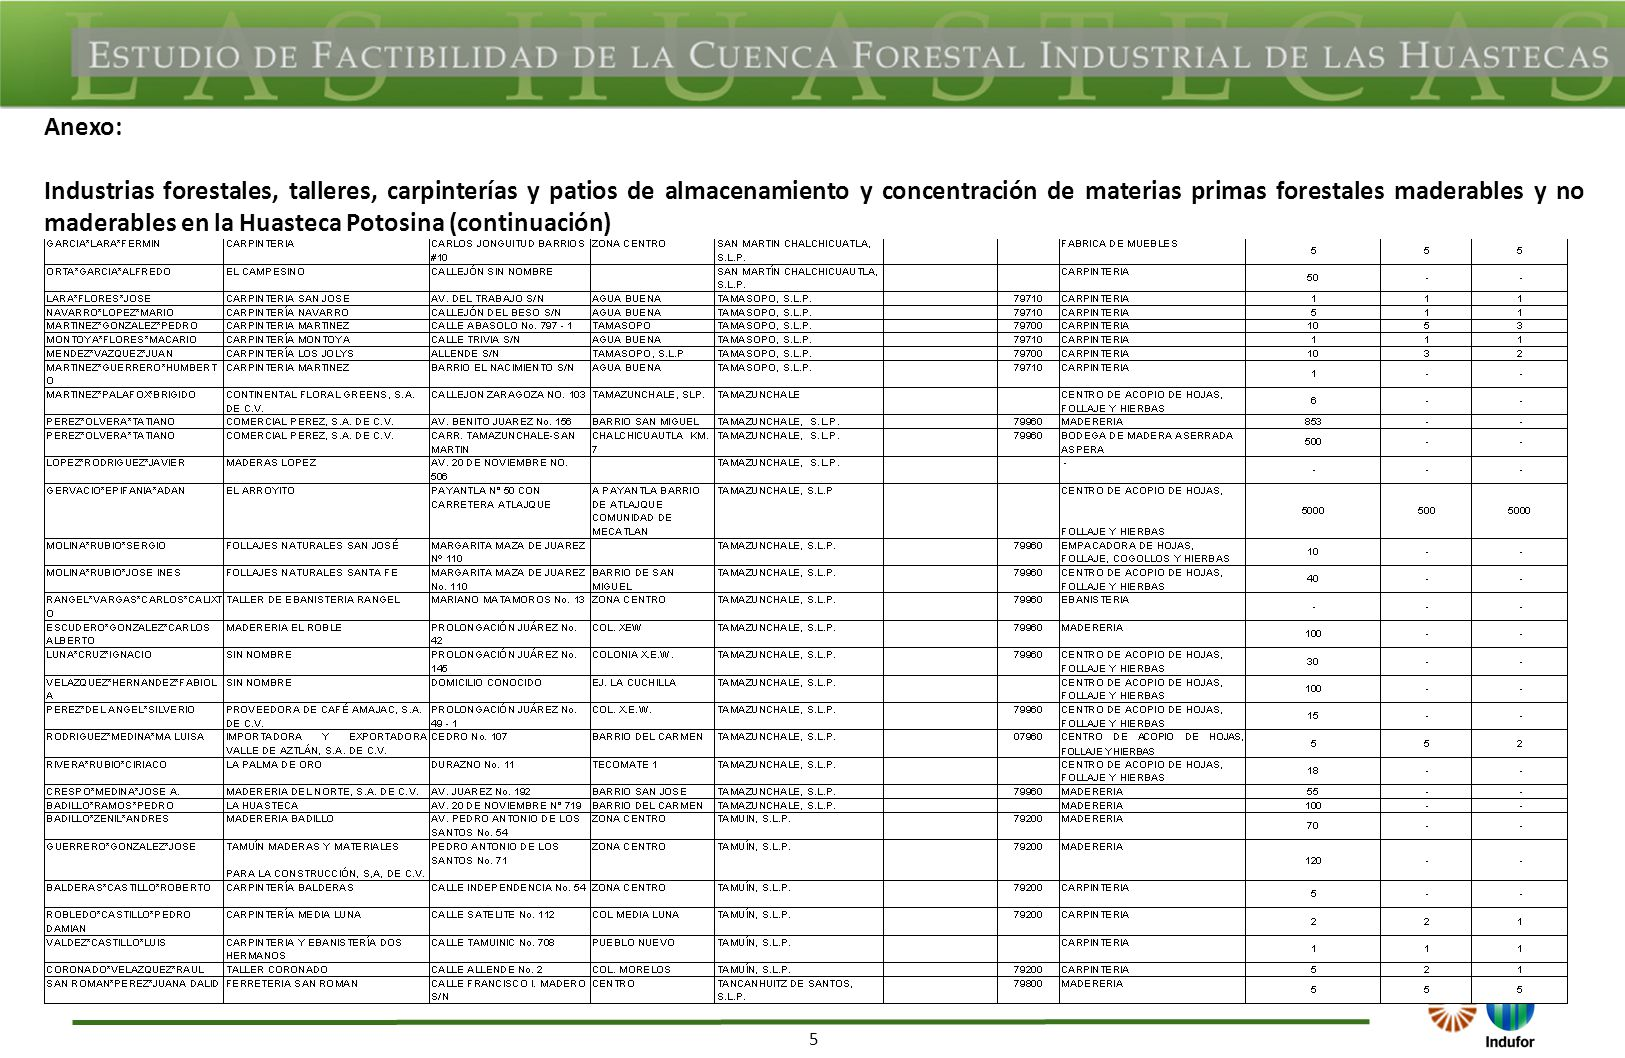 5 Anexo: Industrias forestales, talleres, carpinterías y patios de almacenamiento y concentración de materias primas forestales maderables y no maderables en la Huasteca Potosina (continuación)